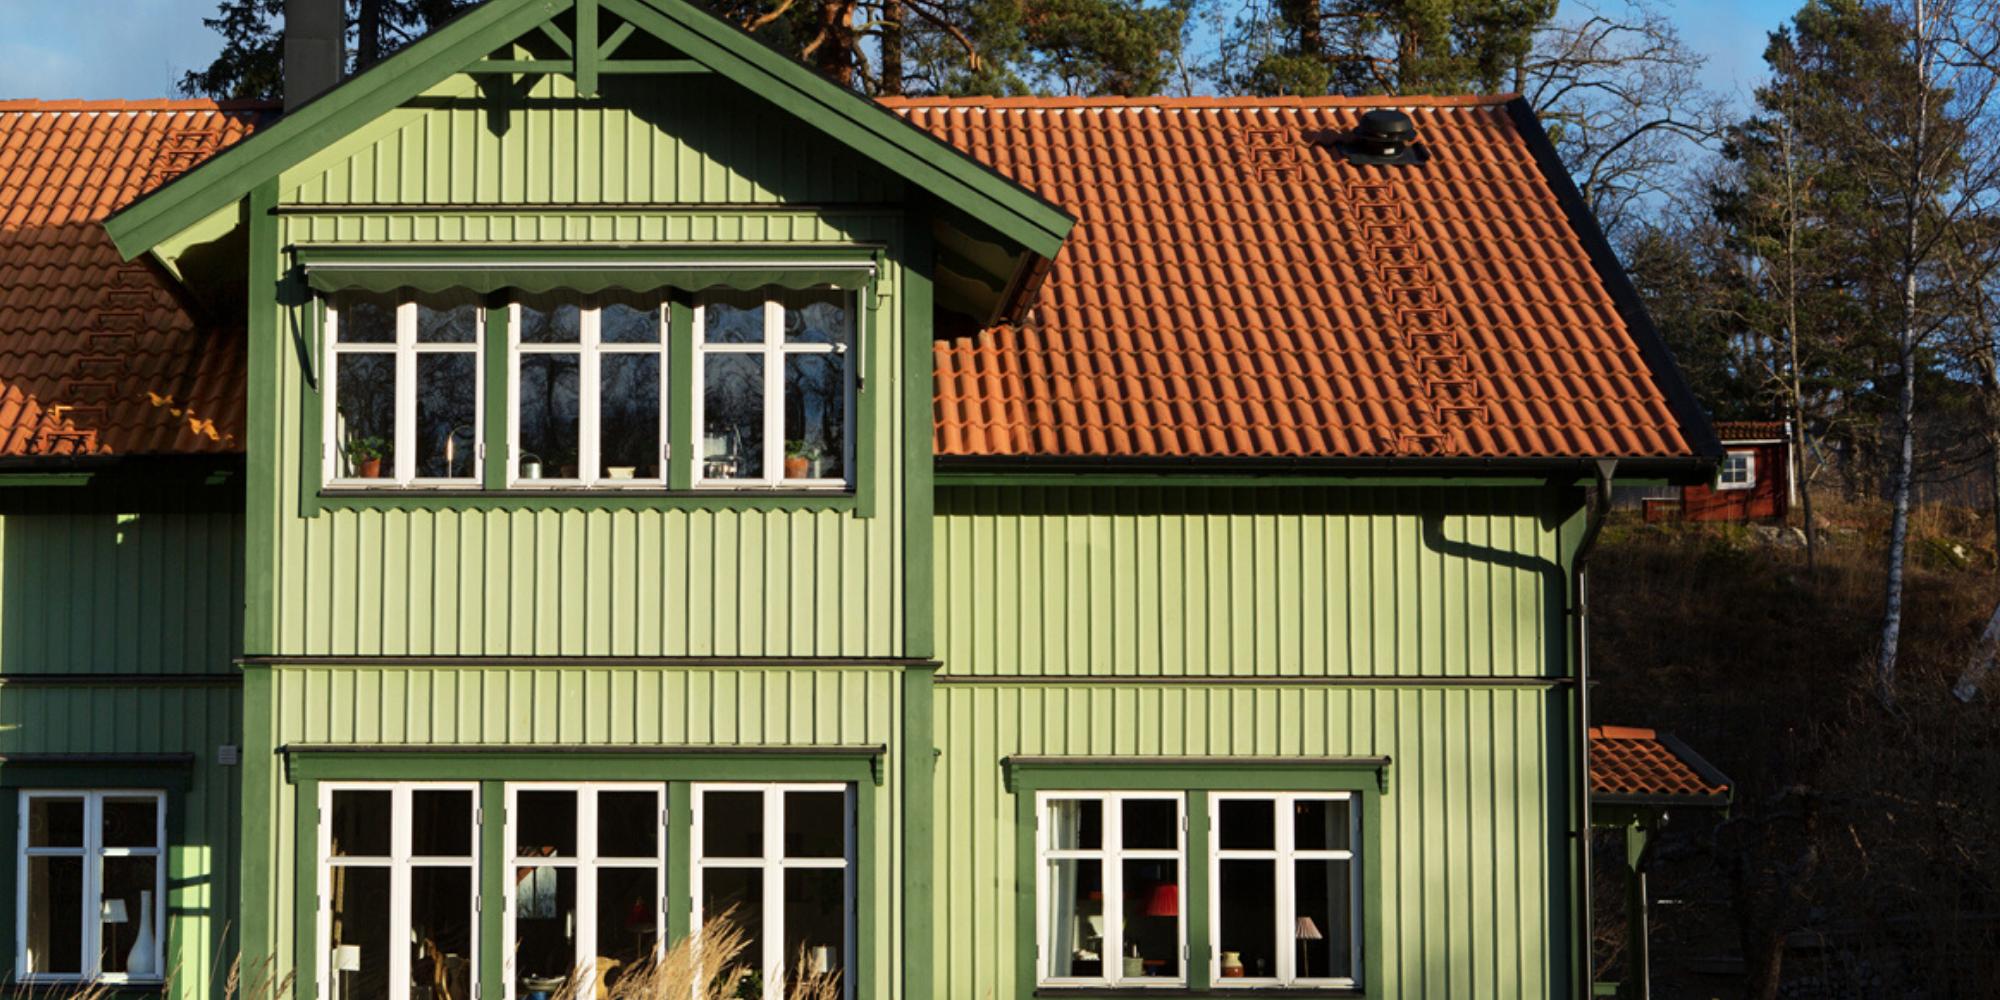 Vi gillar utomhusmiljö och trädgårdsarbete året runt i Nacka, Saltsjöbaden, Värmdö, Älta, och Tyresö. www.forvaltningsserviceab.se